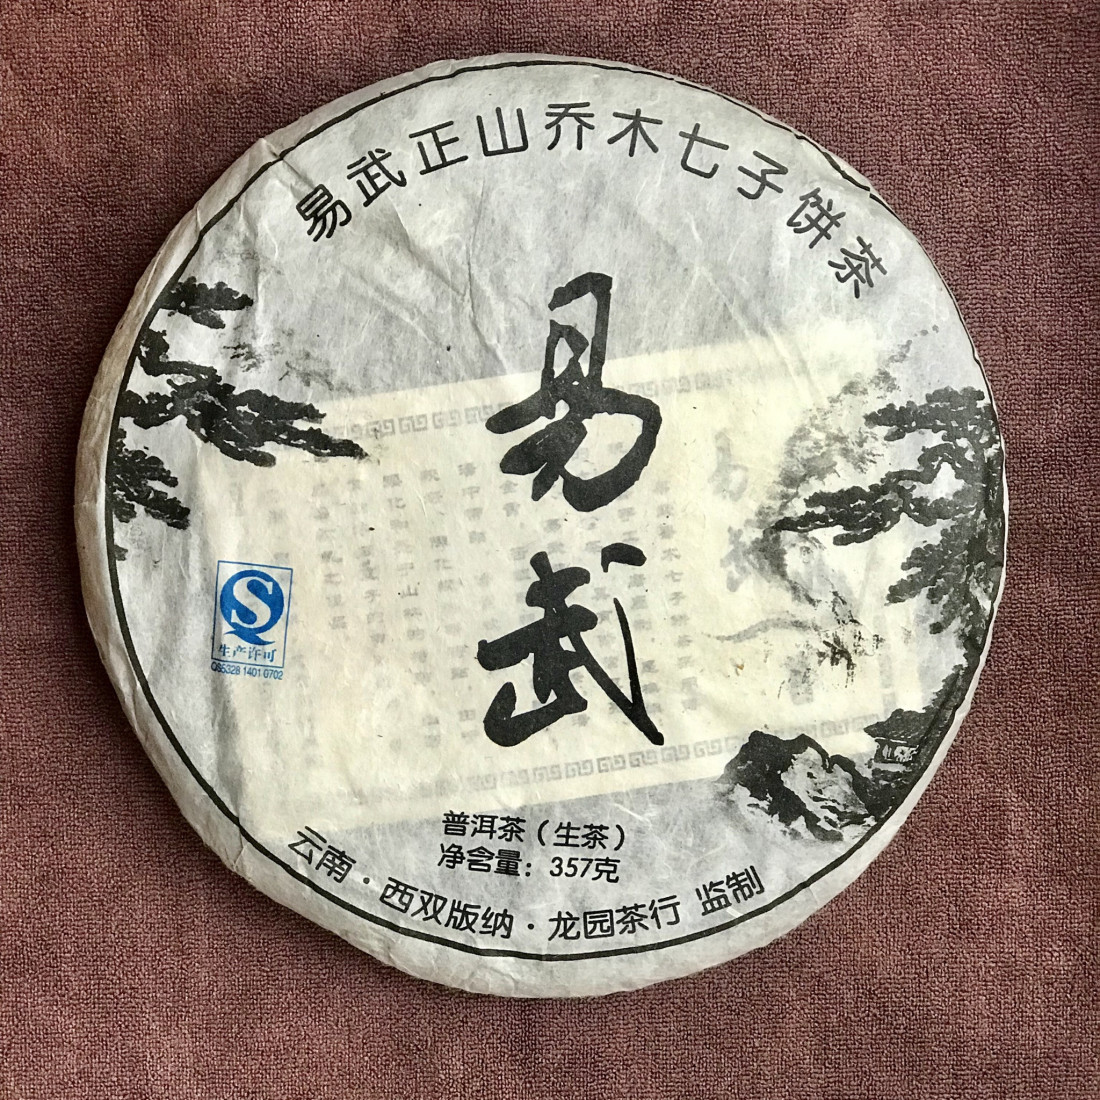 Лепешка семерых братьев из чистого сырья прямоствольных деревьев горы Иу